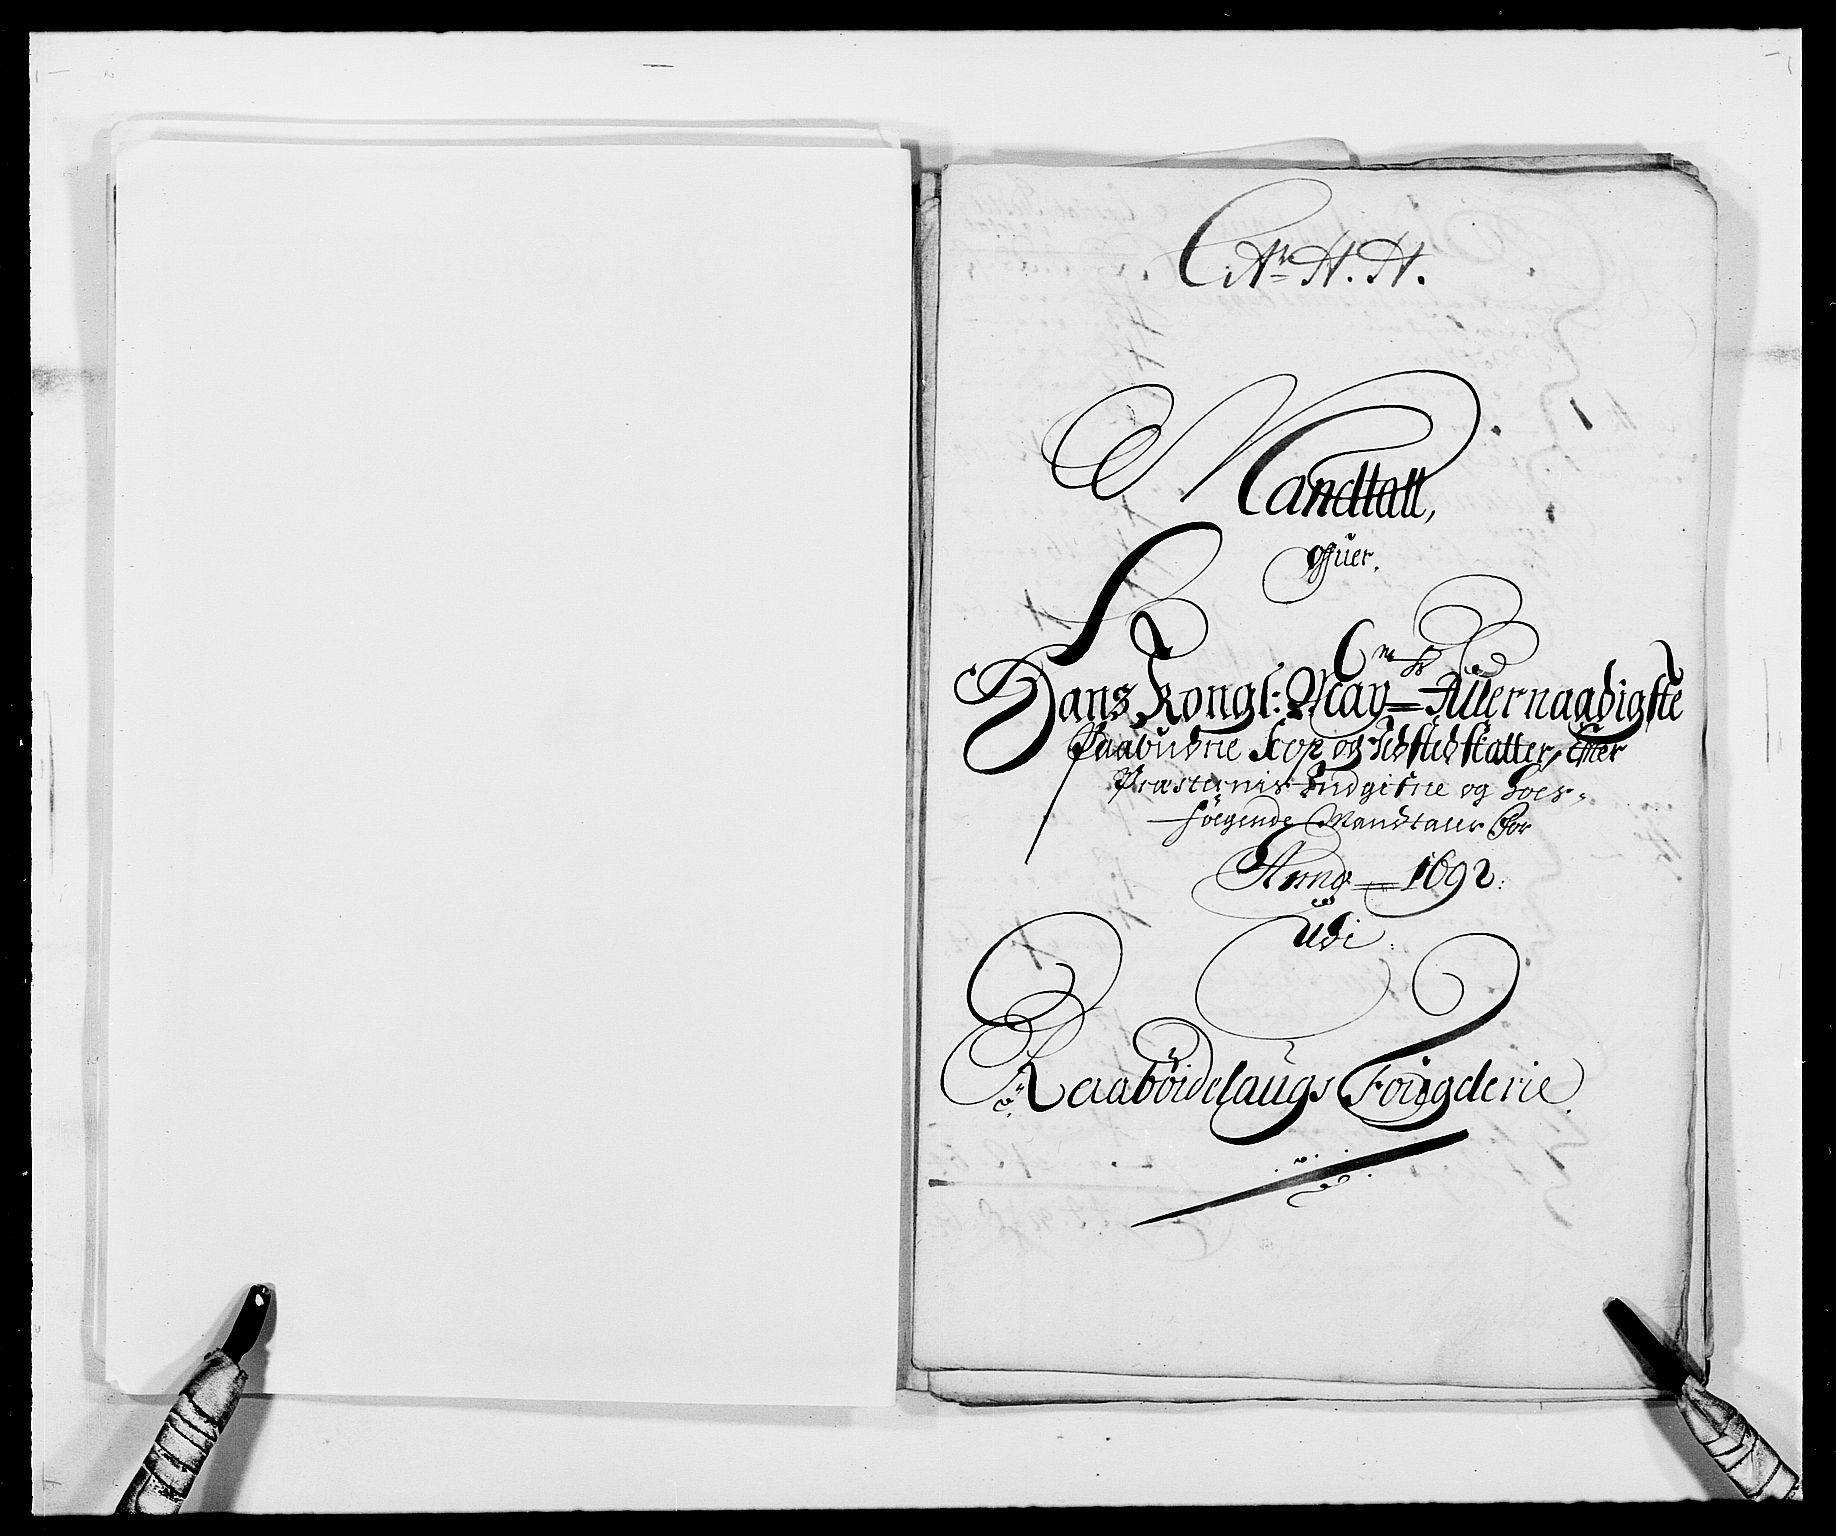 RA, Rentekammeret inntil 1814, Reviderte regnskaper, Fogderegnskap, R40/L2443: Fogderegnskap Råbyggelag, 1691-1692, s. 157